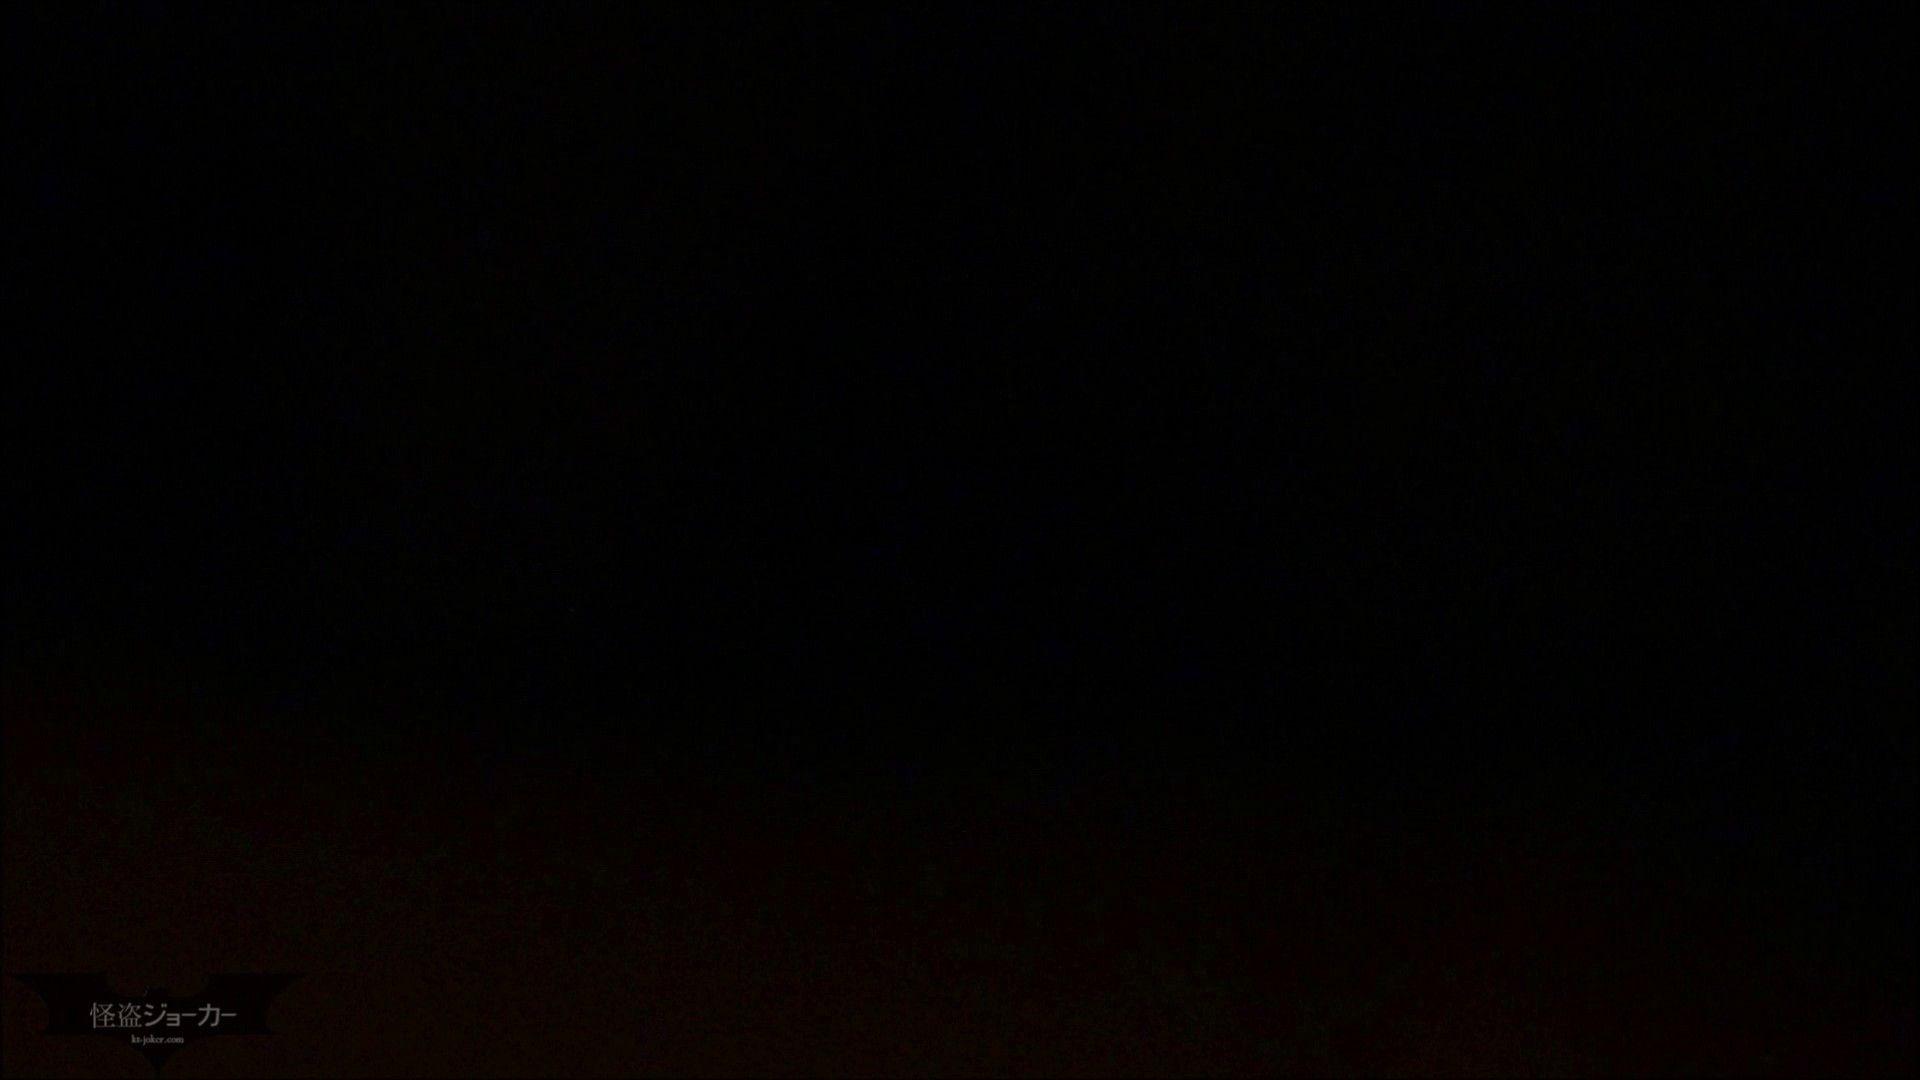 【未公開】vol.88 {美容部員見習い}KANAM 人懐っこさは危険ですヨ。 エッチすぎるOL達  60連発 56